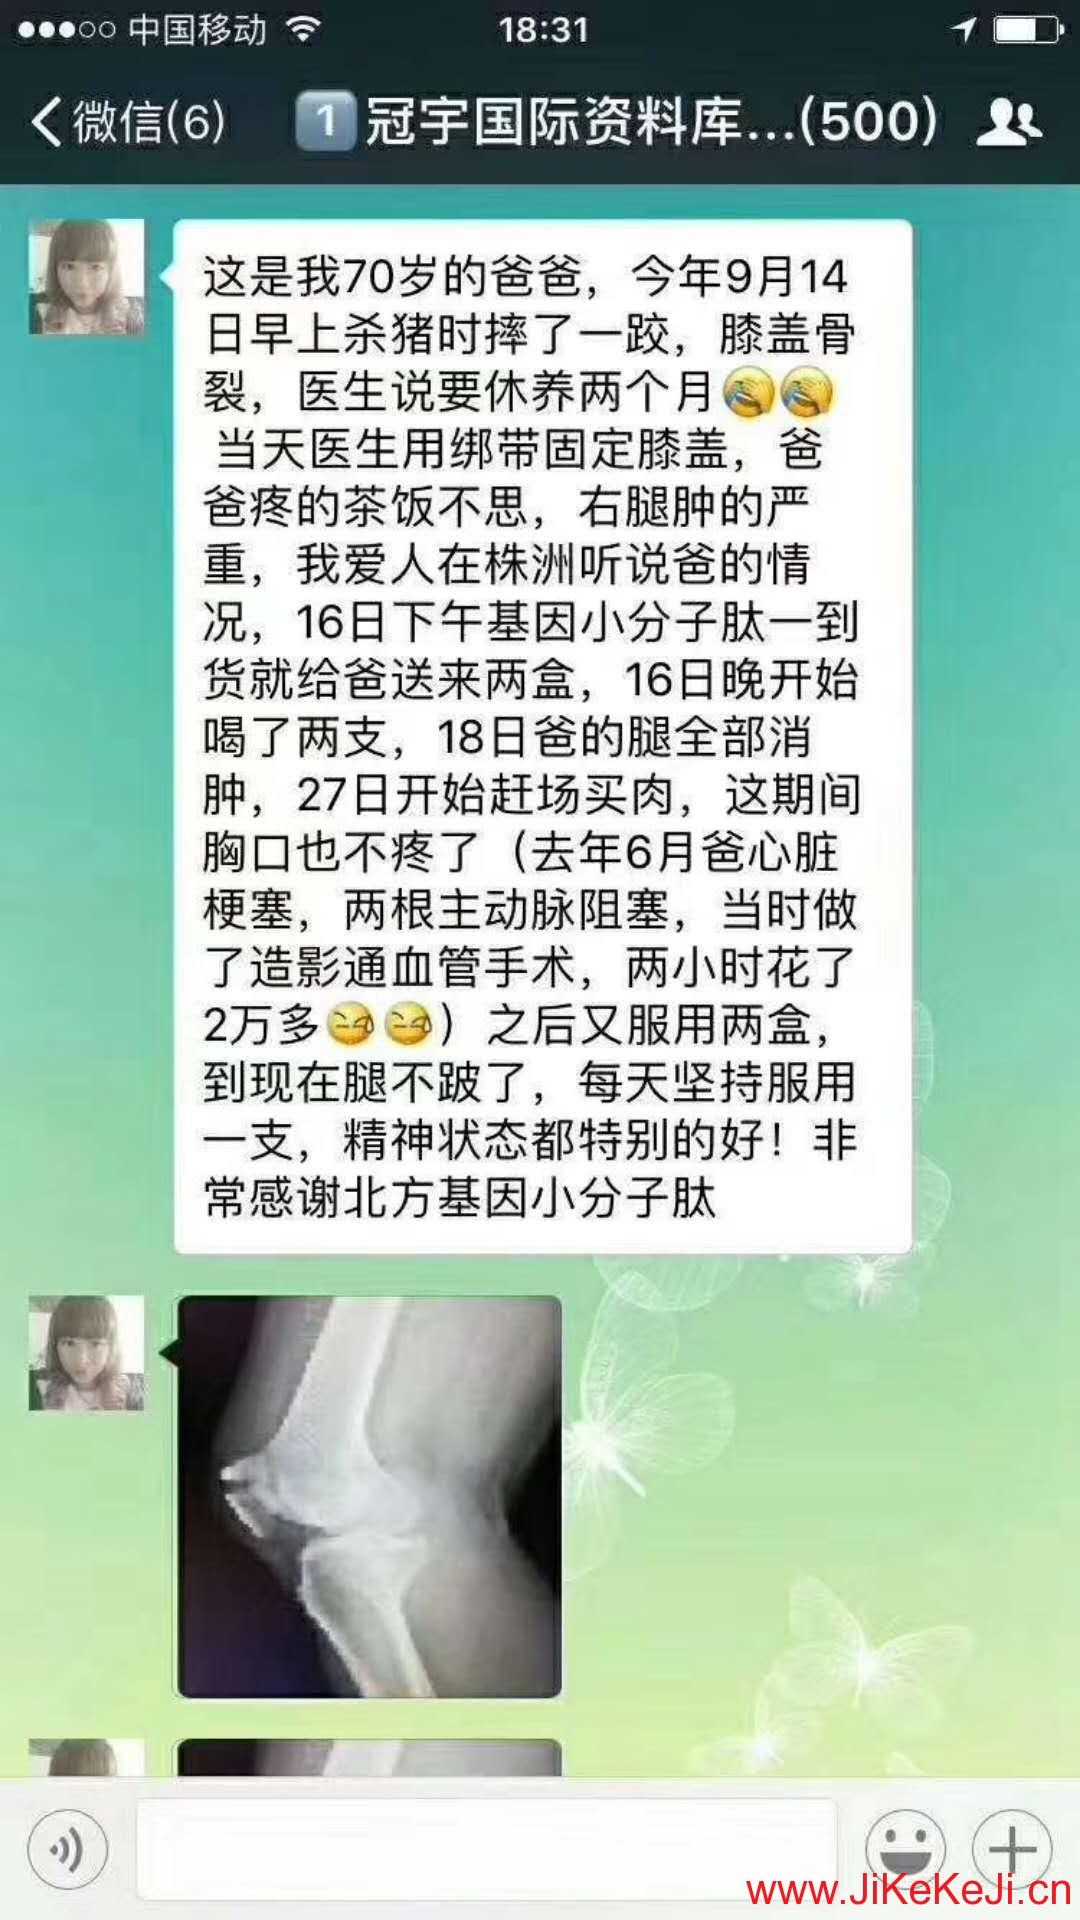 摔伤膝盖骨裂案例